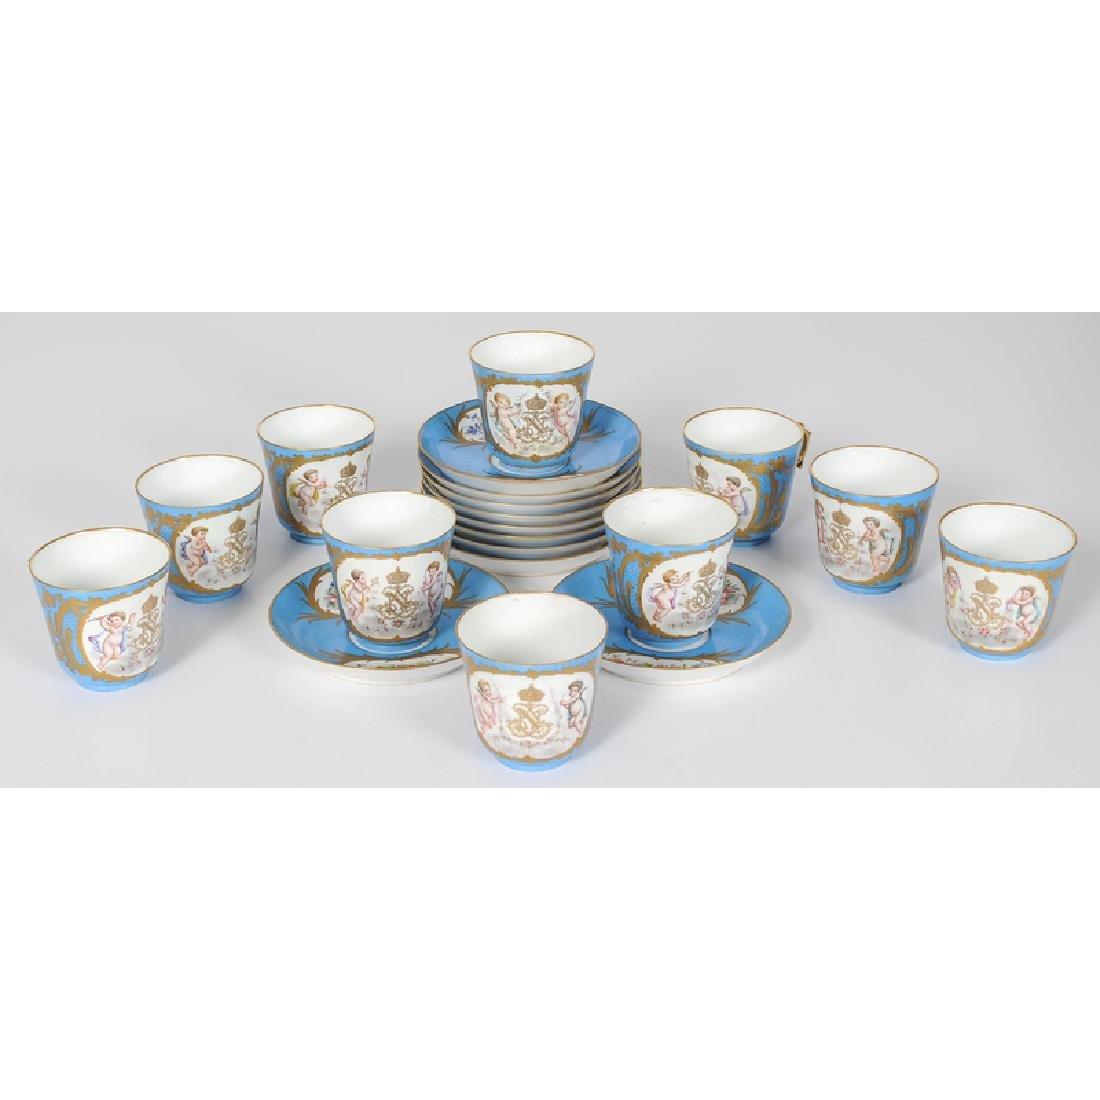 Sèvres Porcelain Cup and Saucer Set - 2